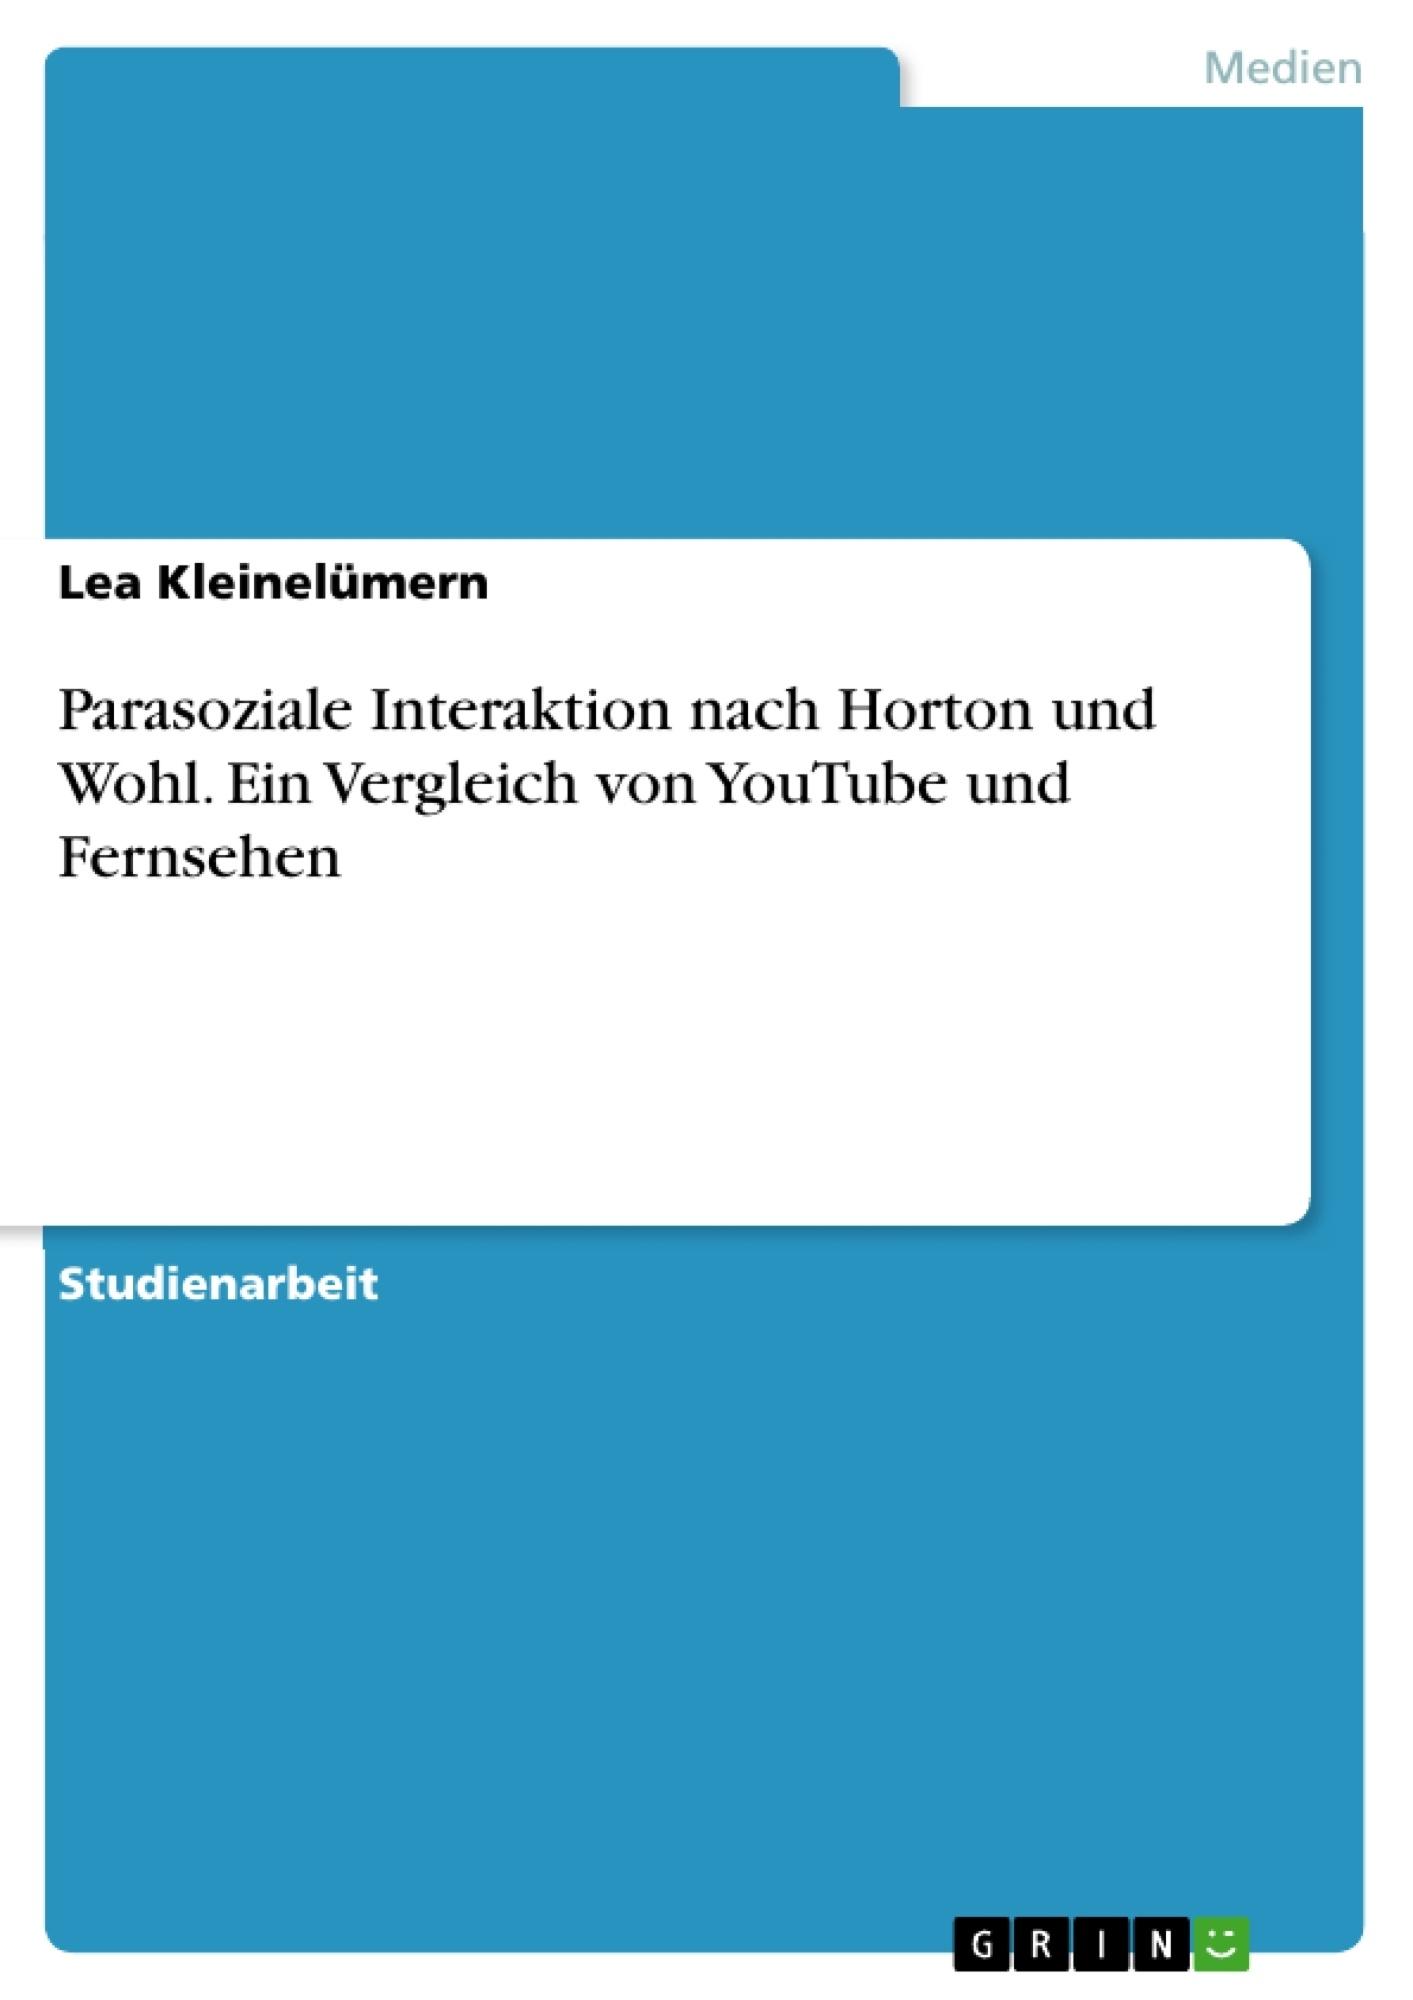 Titel: Parasoziale Interaktion nach Horton und Wohl. Ein Vergleich von YouTube und Fernsehen